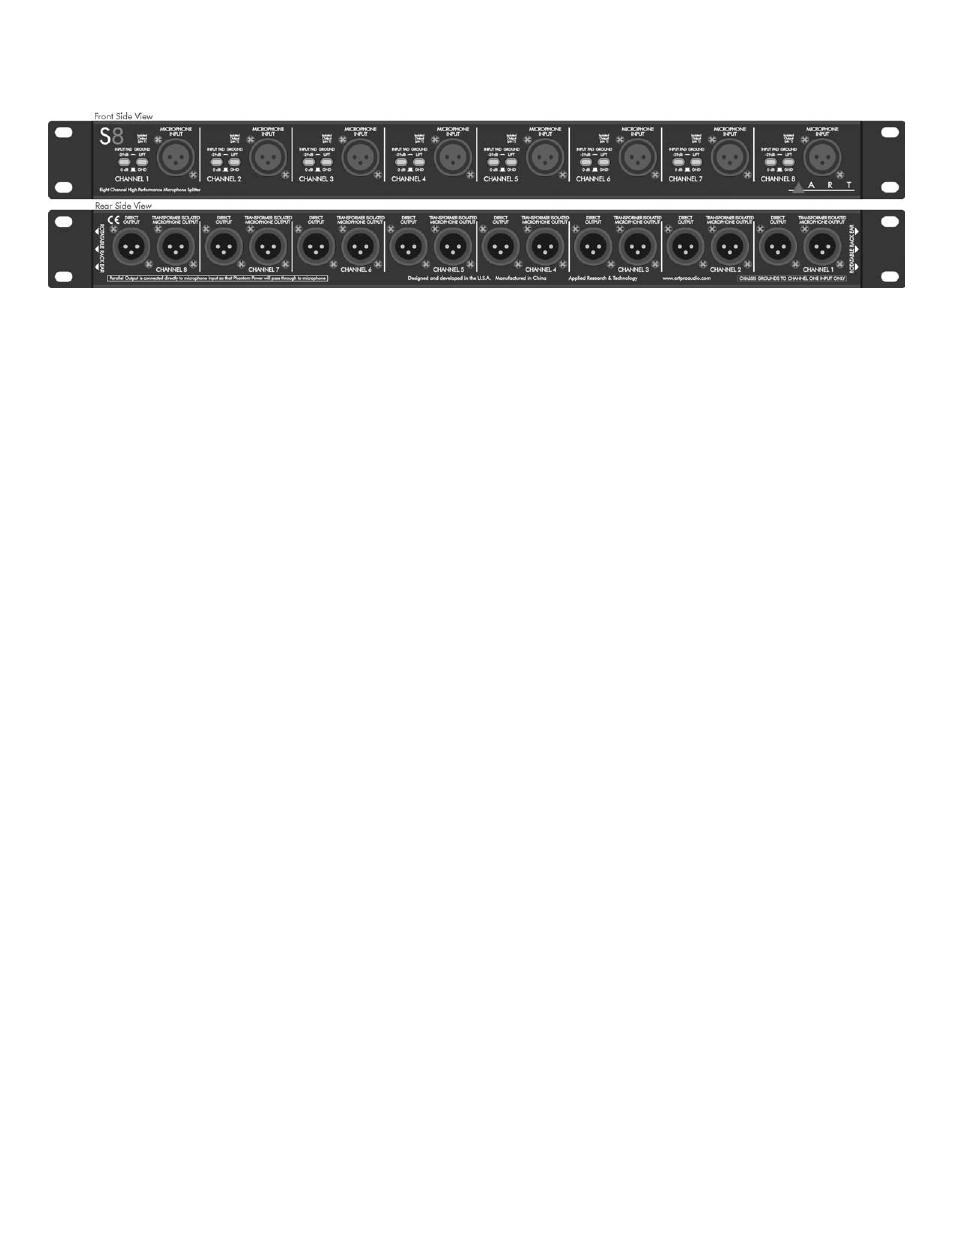 ART Pro Audio S8 - Eight Channel Mic Splitter User Manual